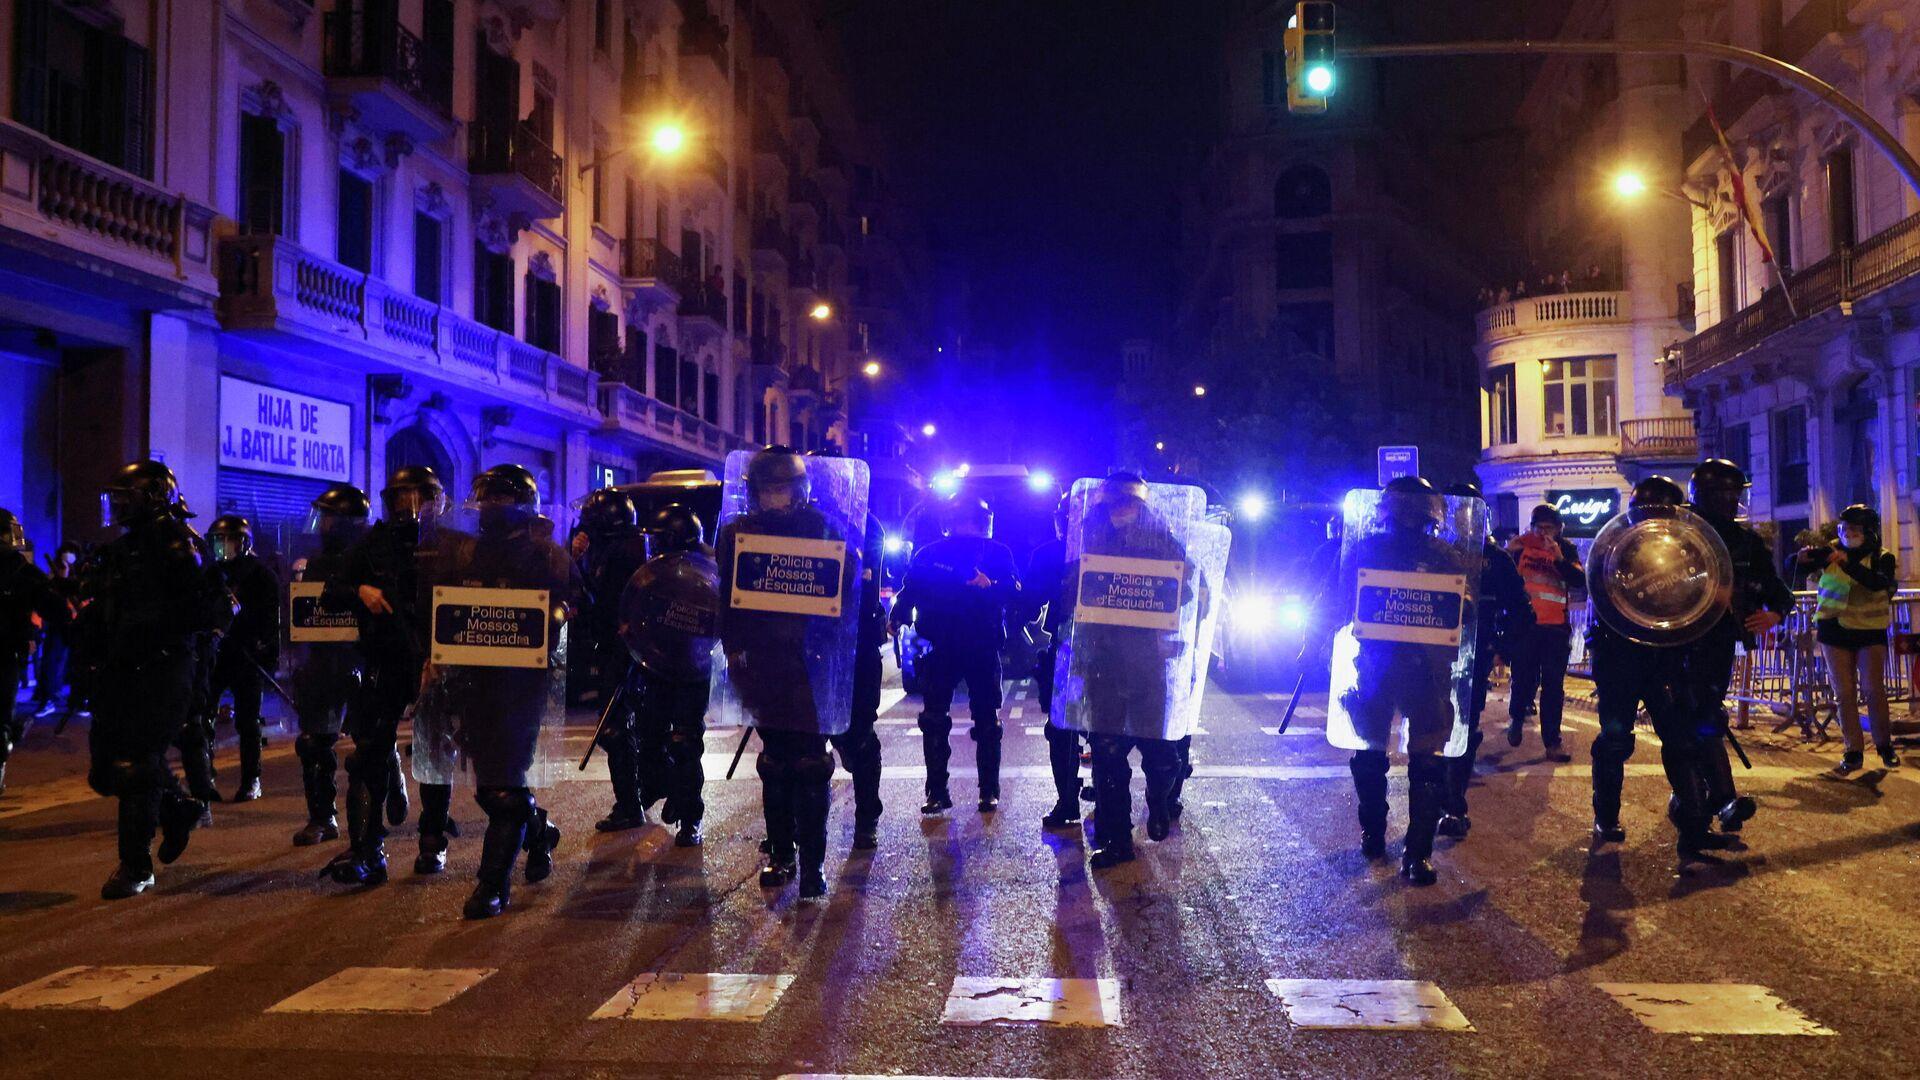 Protestas en Barcelona, España - Sputnik Mundo, 1920, 21.02.2021